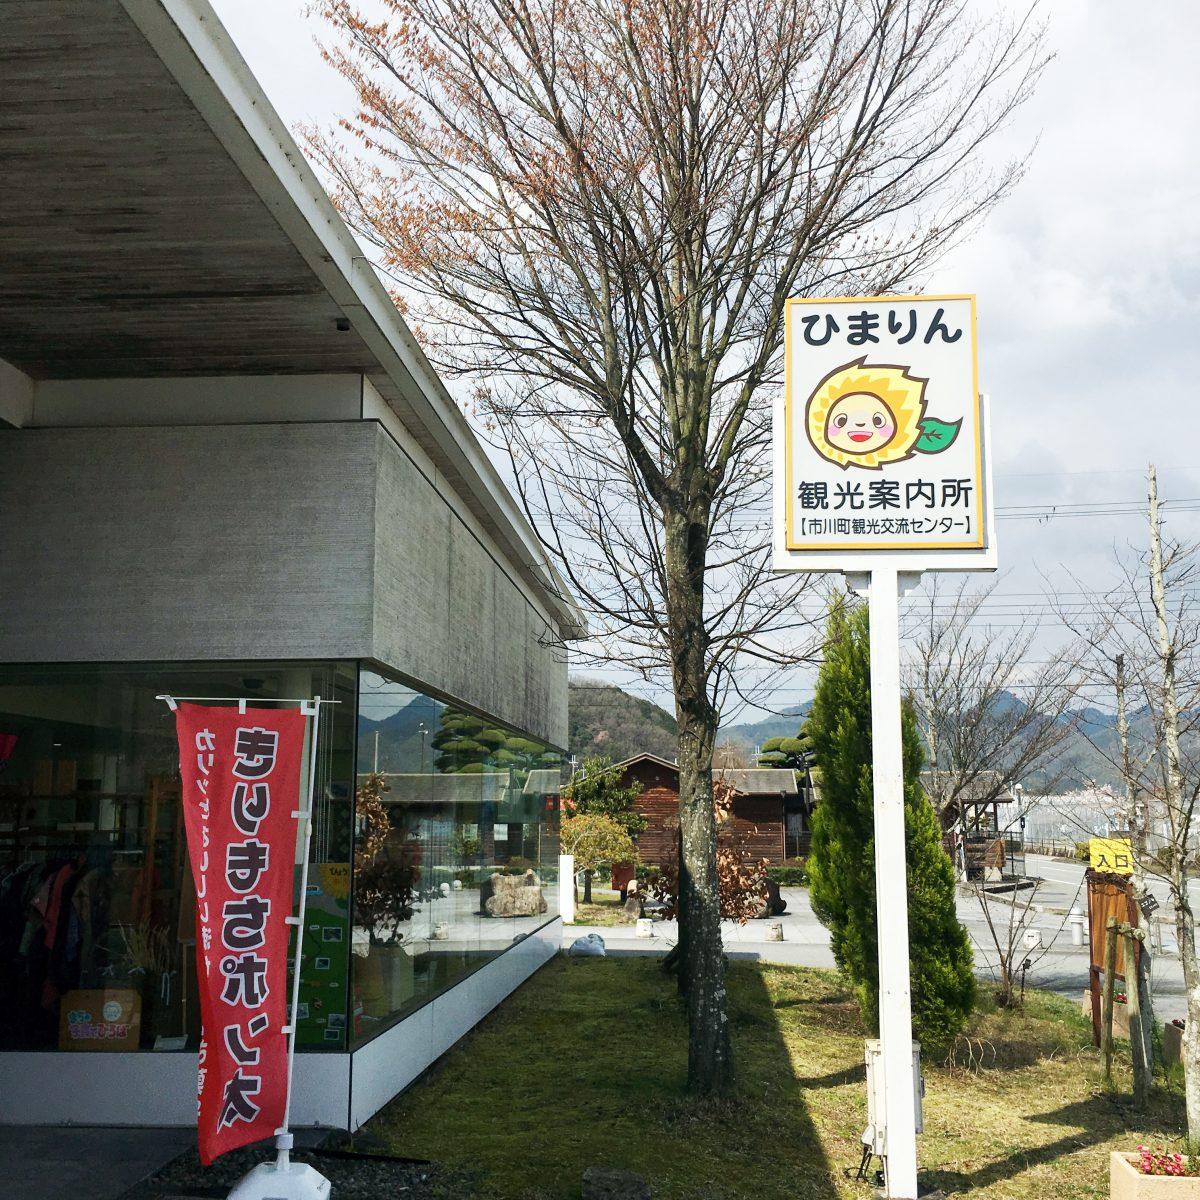 【市川町】リバティ生地や播州織(ばんしゅうおり)のマスクを販売